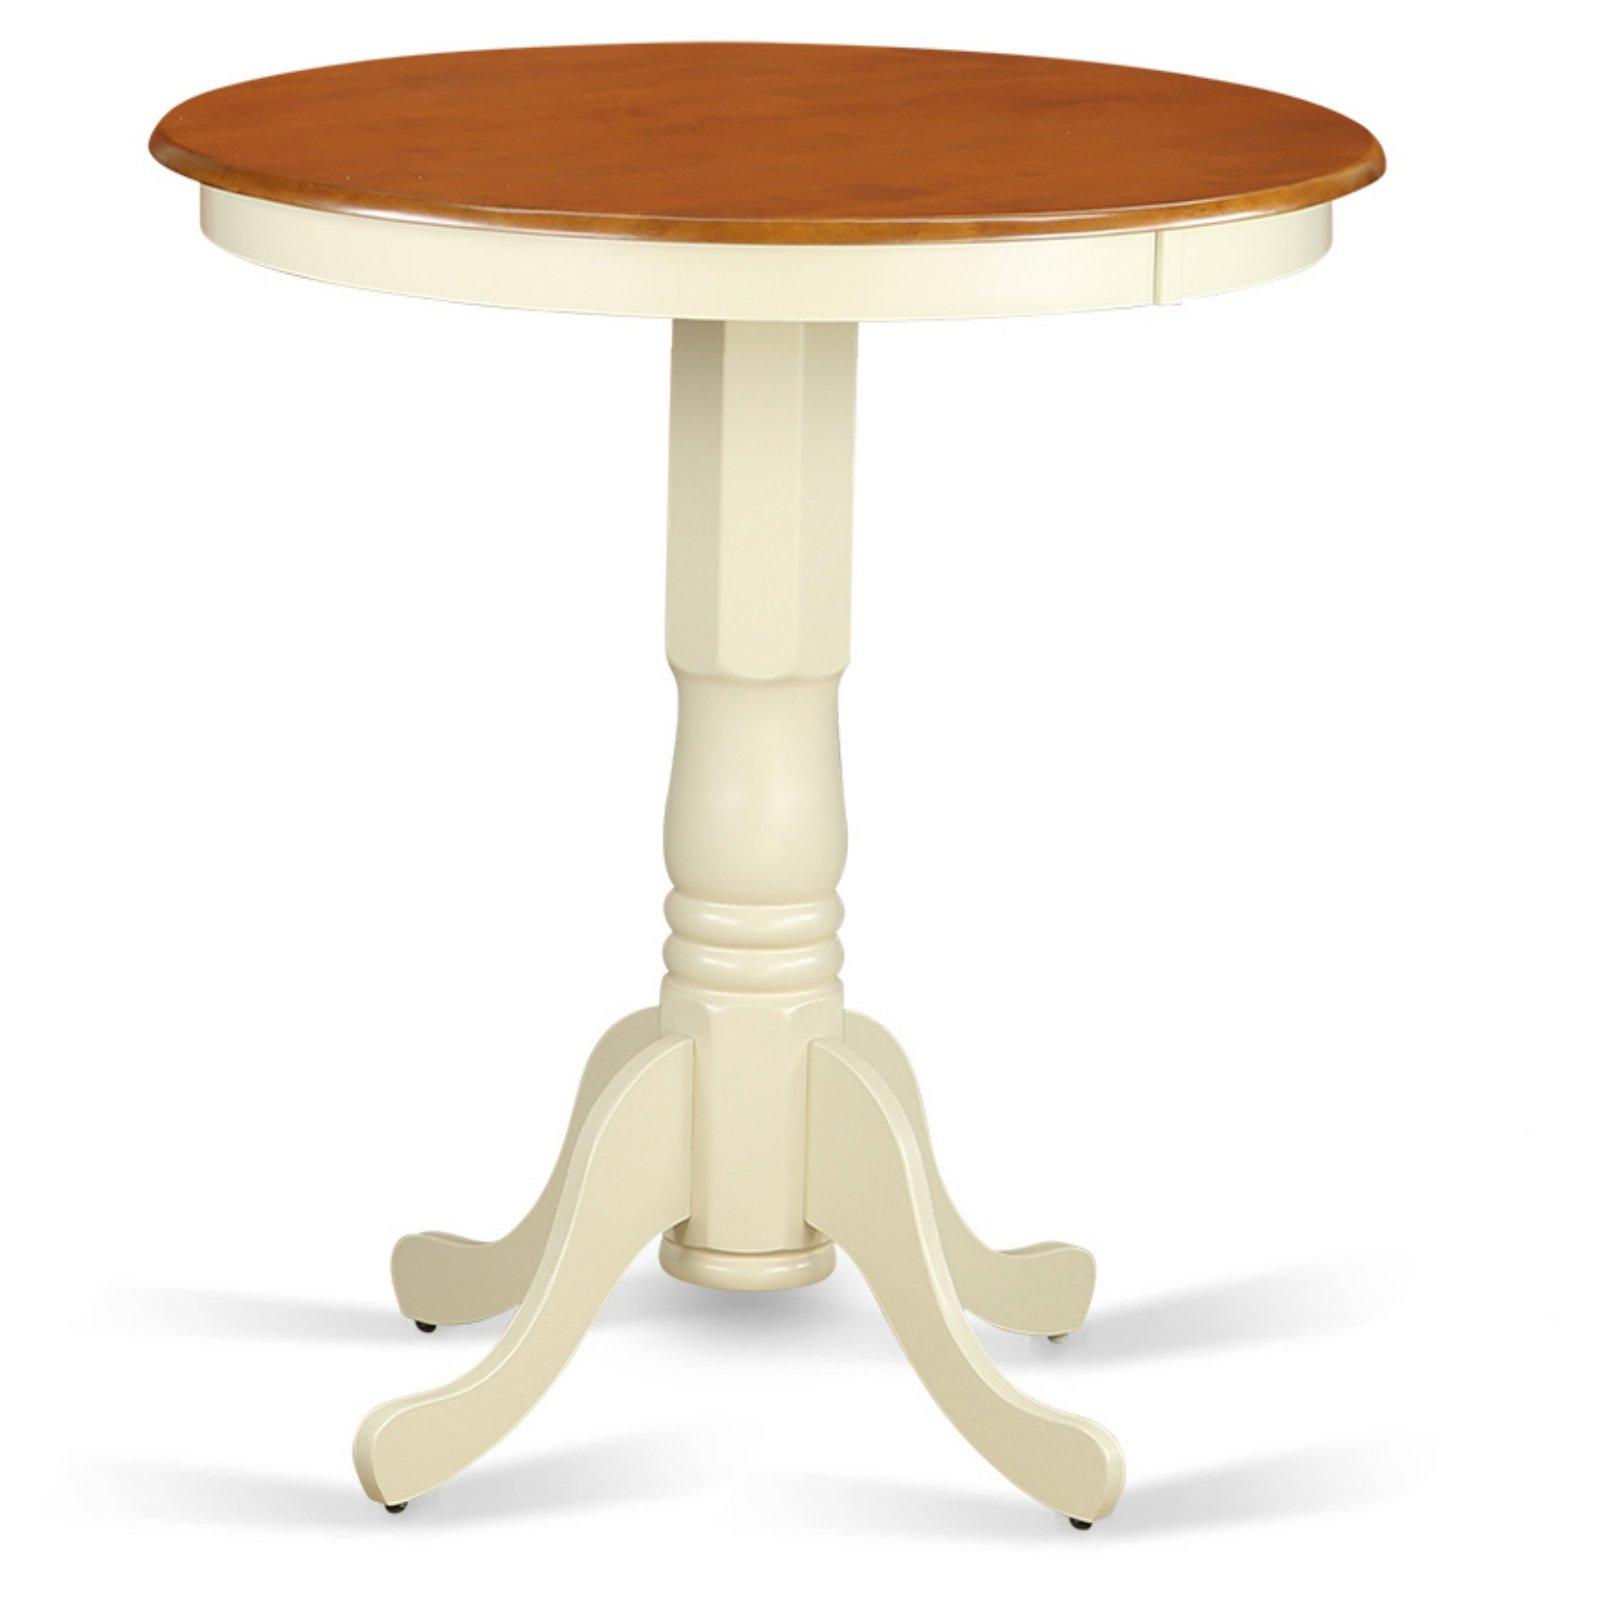 East West Furniture Eden Pedestal 30 Inch Round Counter Height